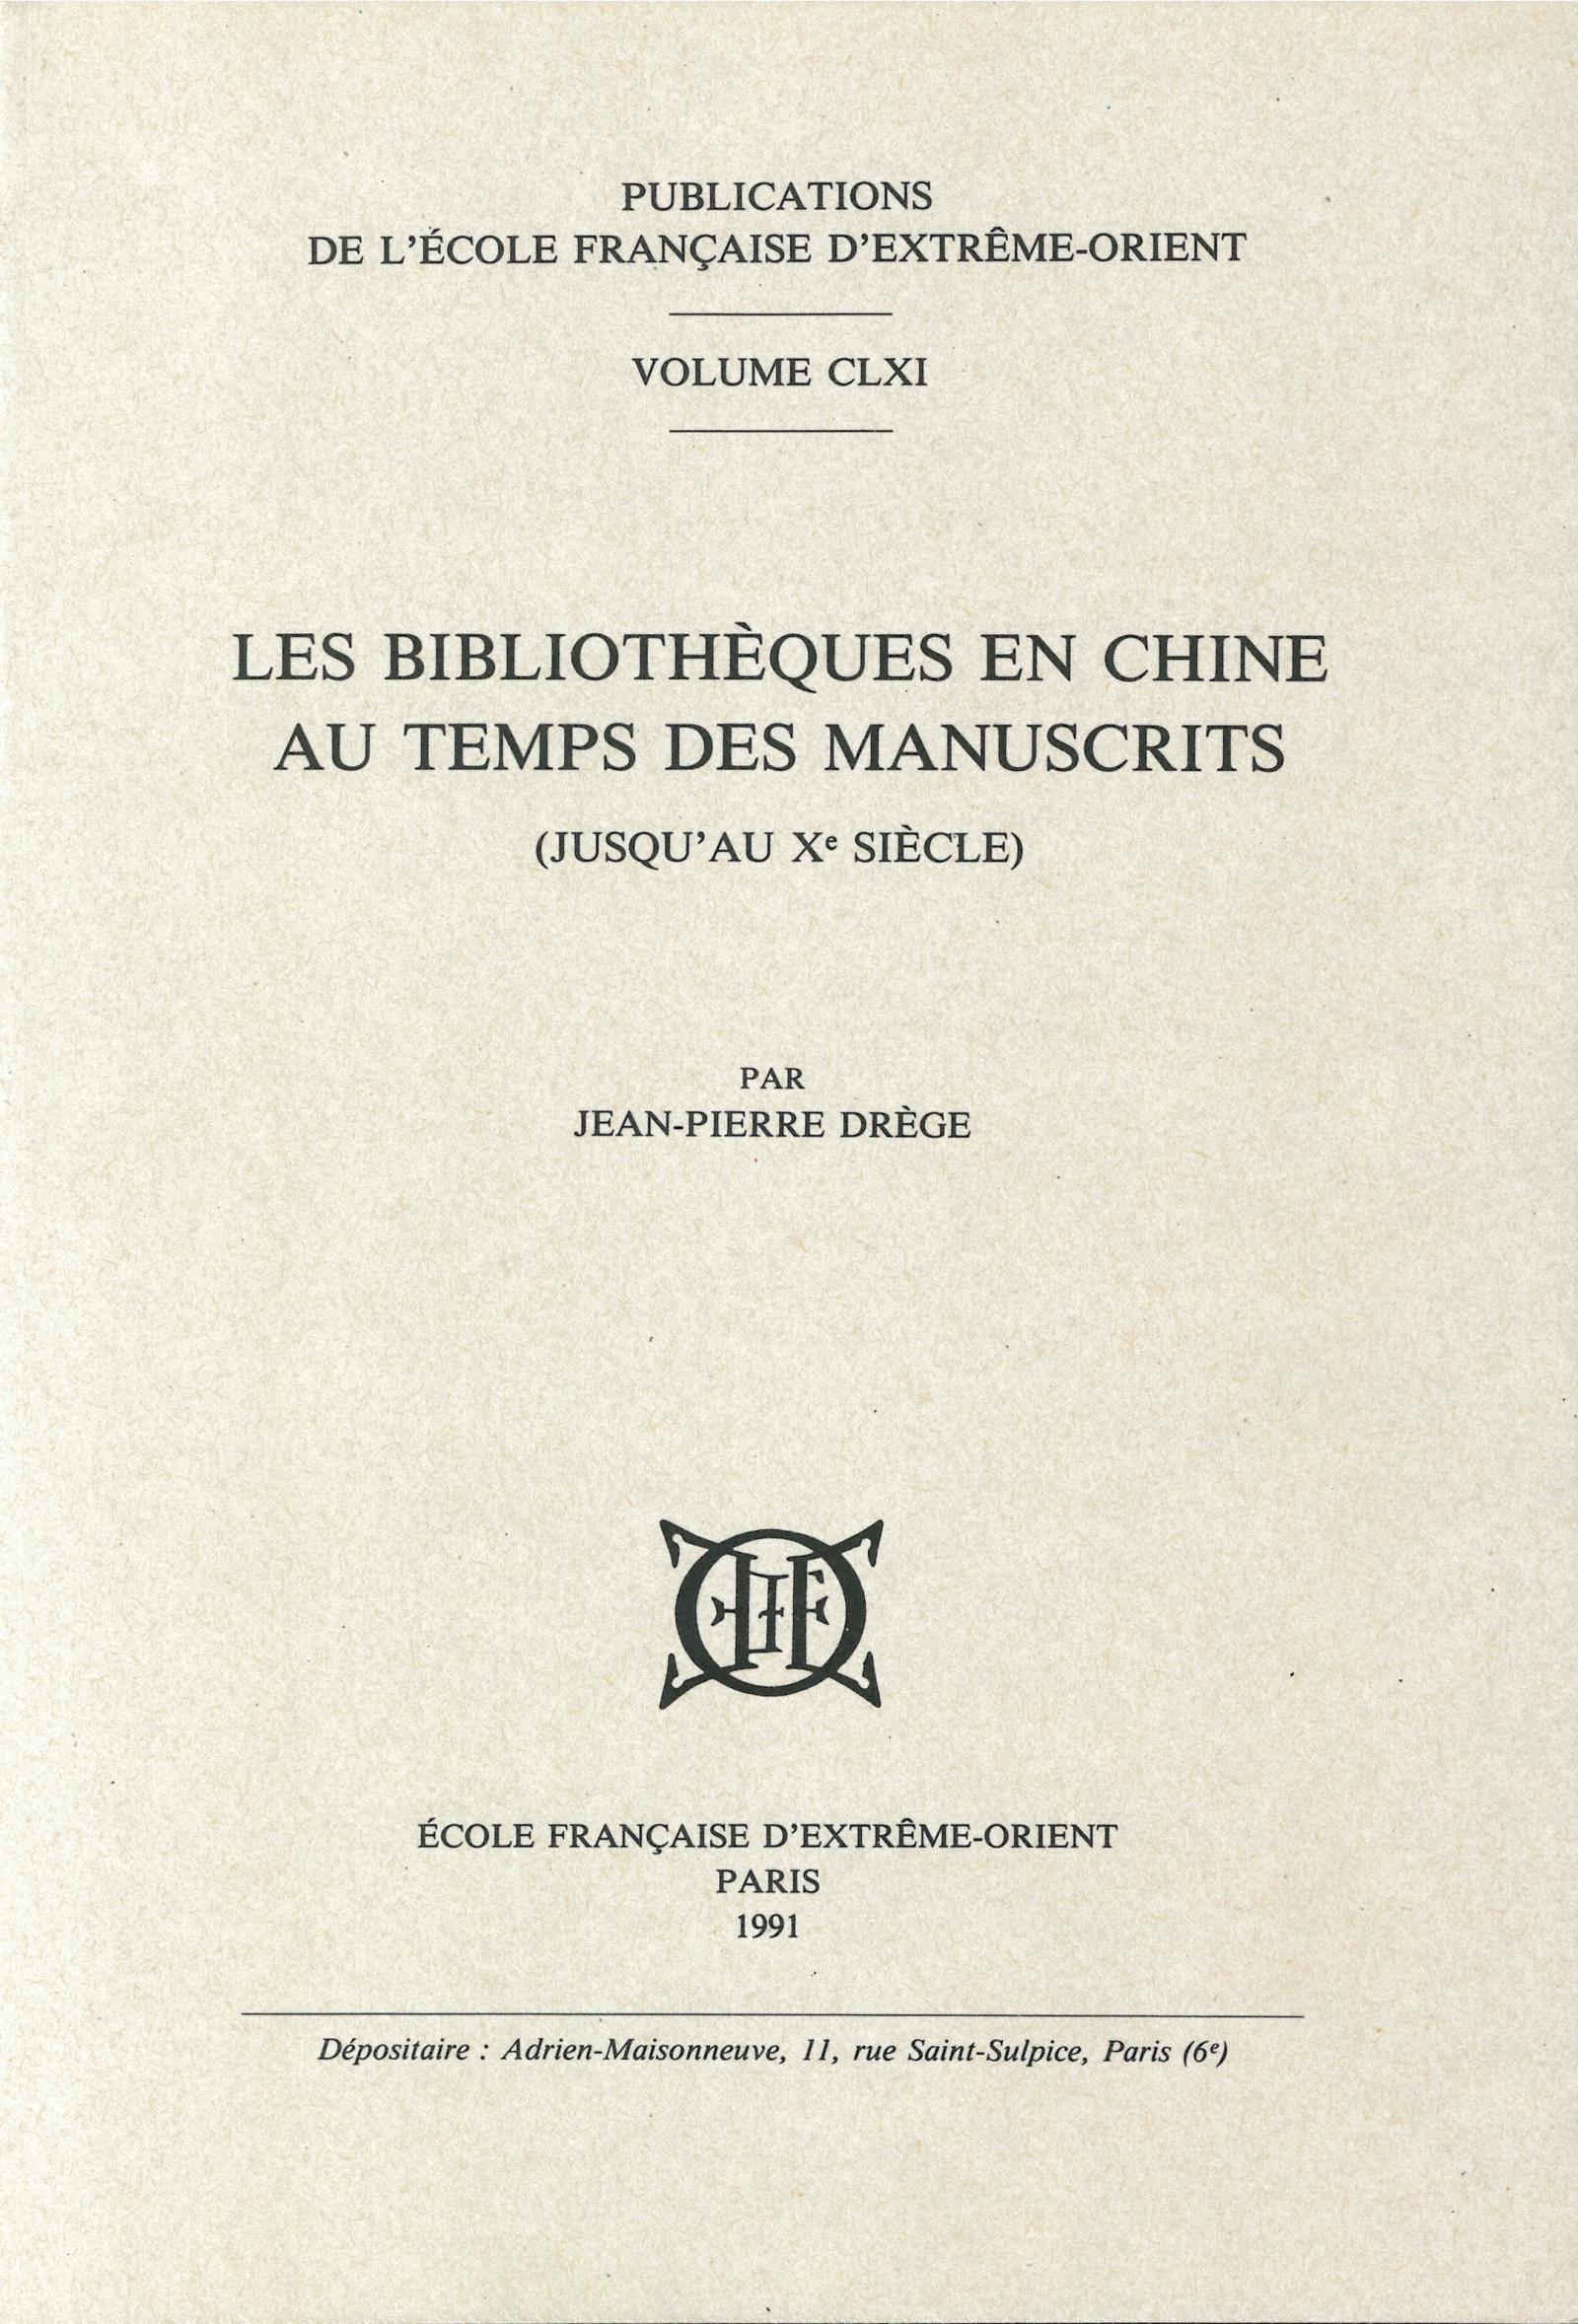 Les bibliothèques en Chine au temps des manuscrits : jusqu'au Xe siècle